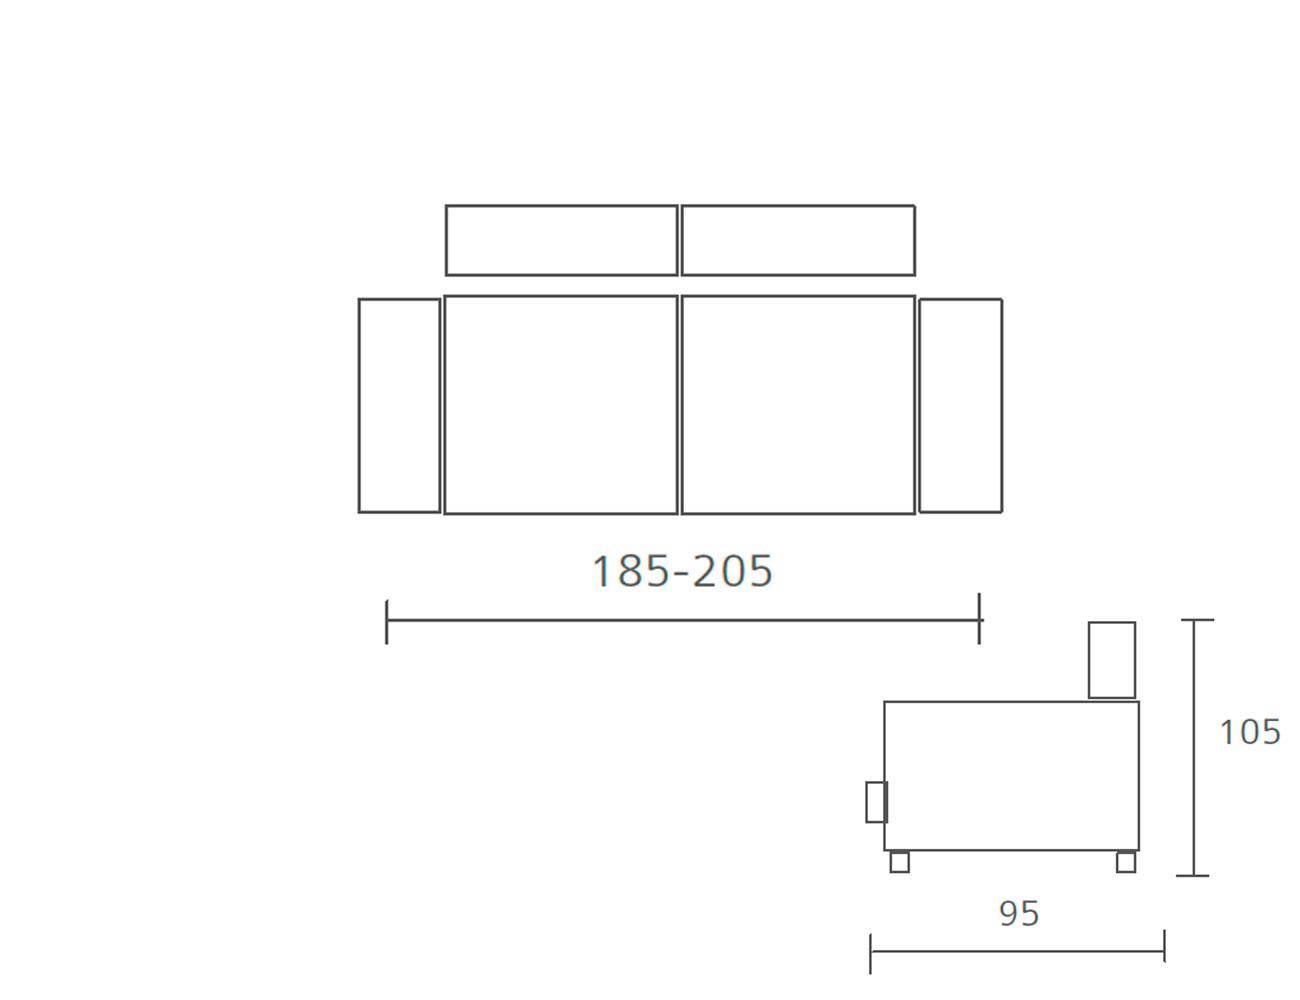 Sofa pedro ortiz fijo 3 plazas 185 205